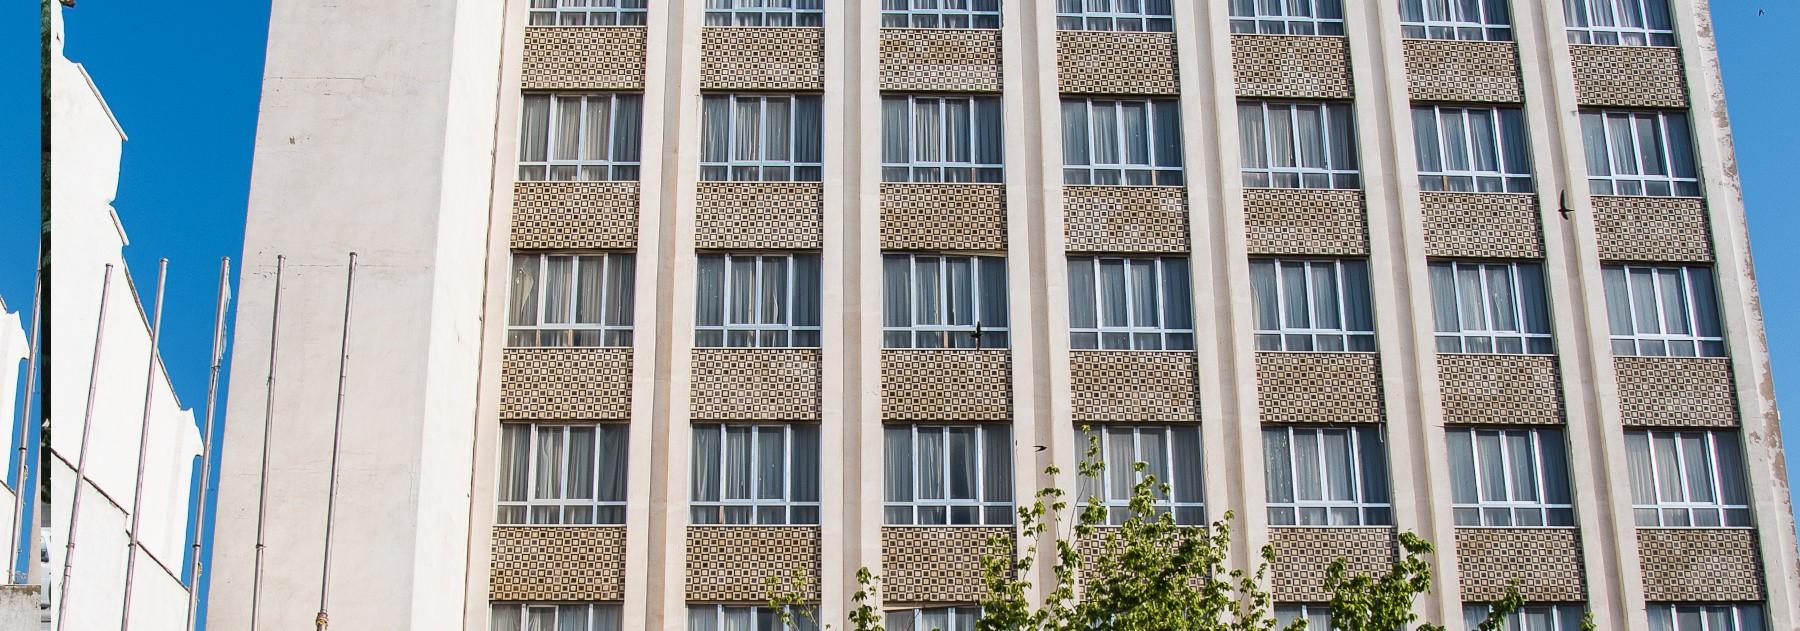 Edificio hotel Pou Clar. Ontinyent. Valencia